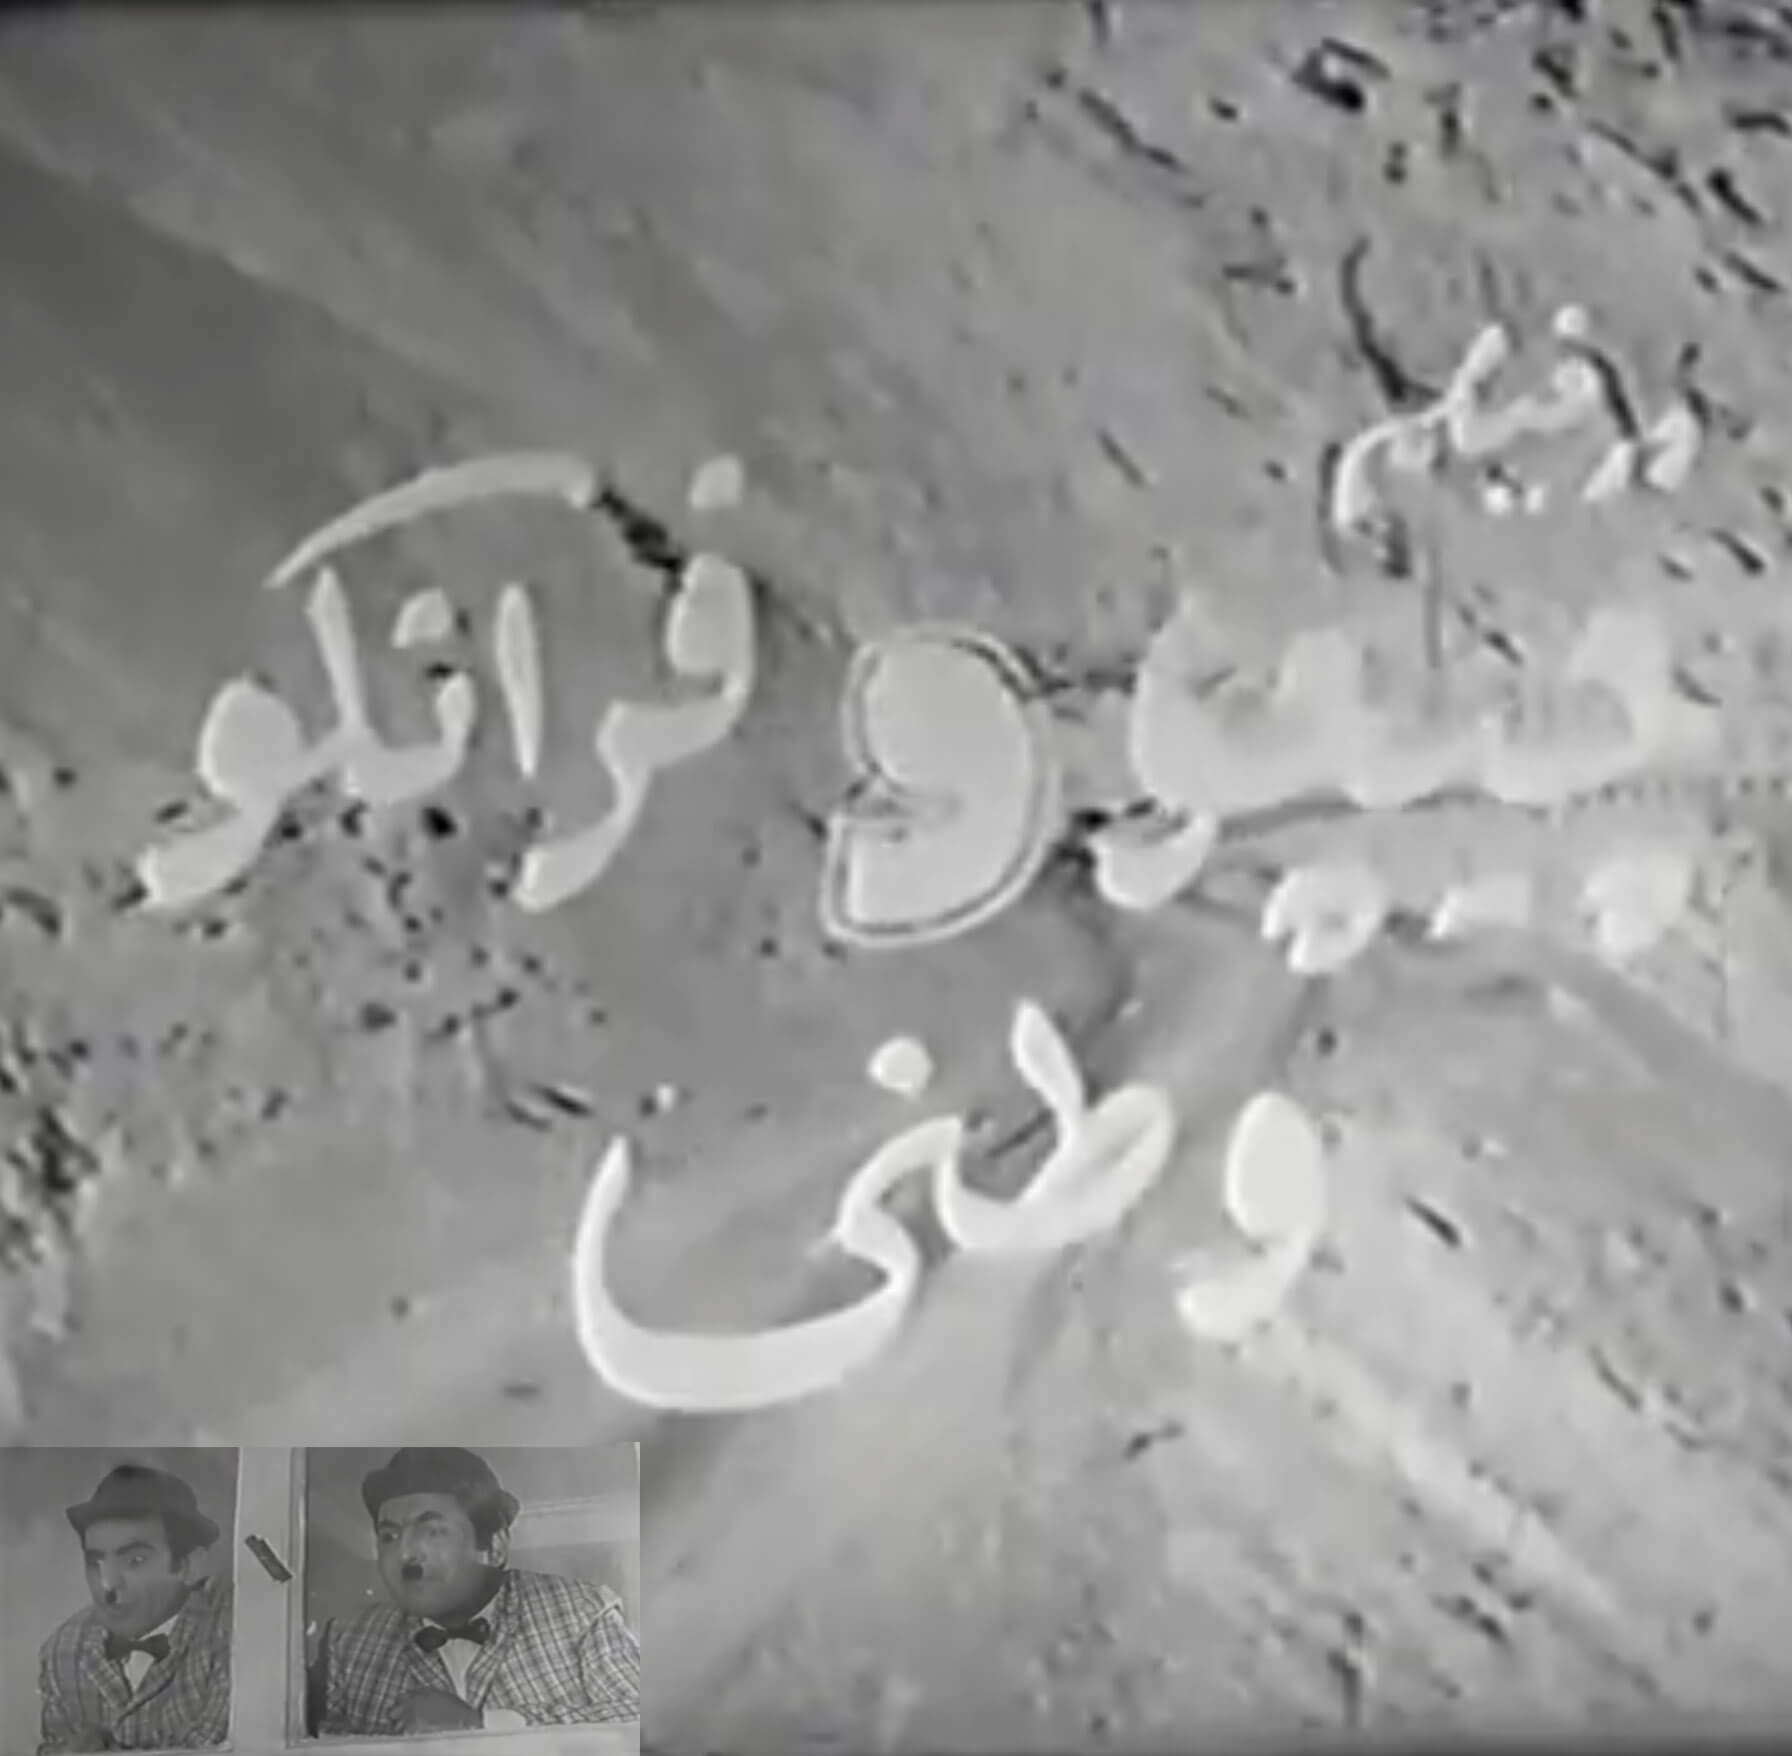 دانلود فیلم چیچو و فرانکو وطنی